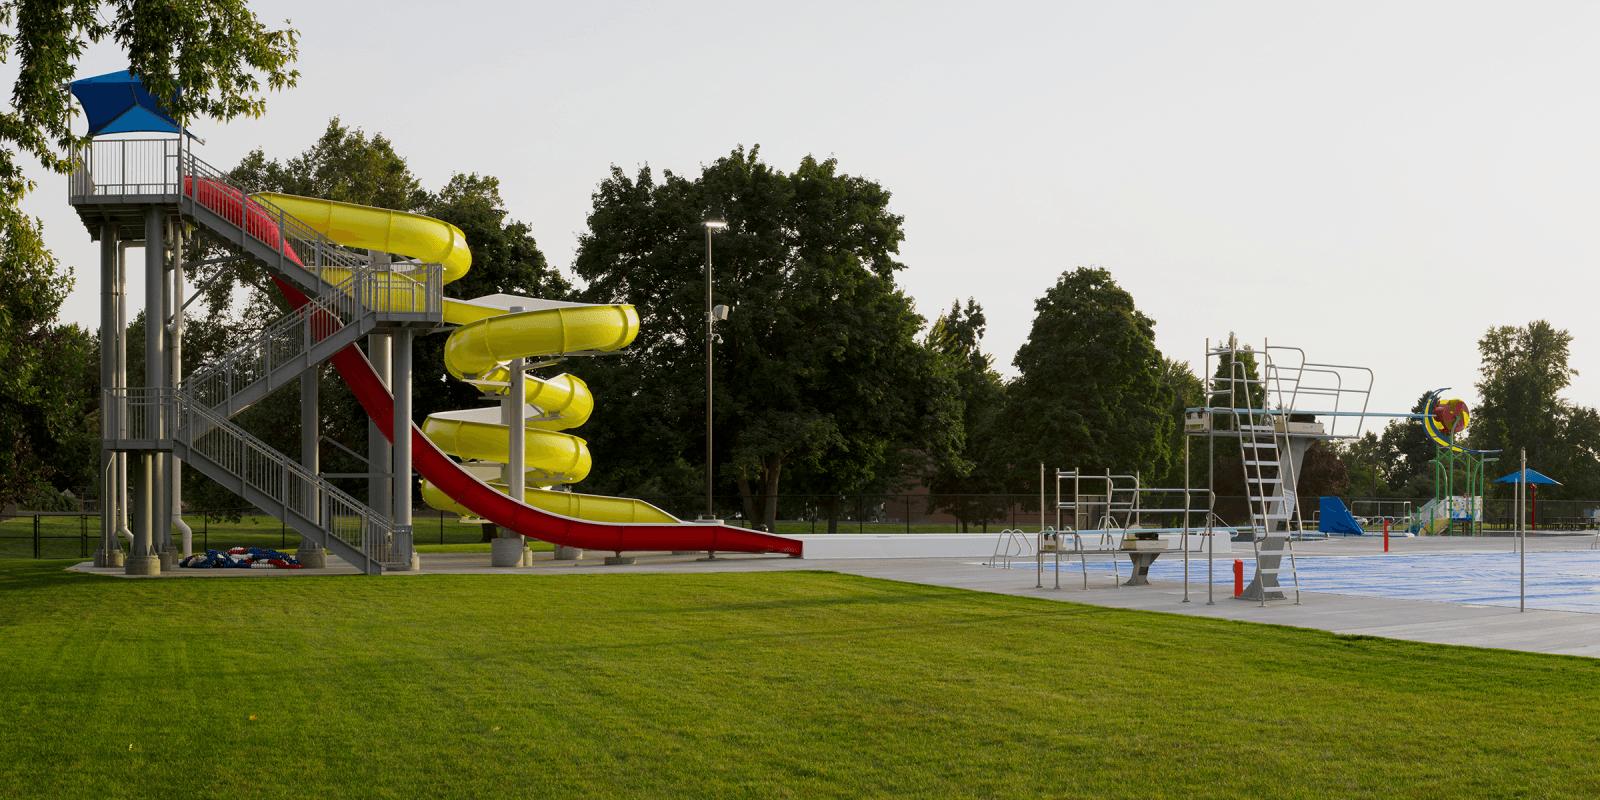 Slide - Community